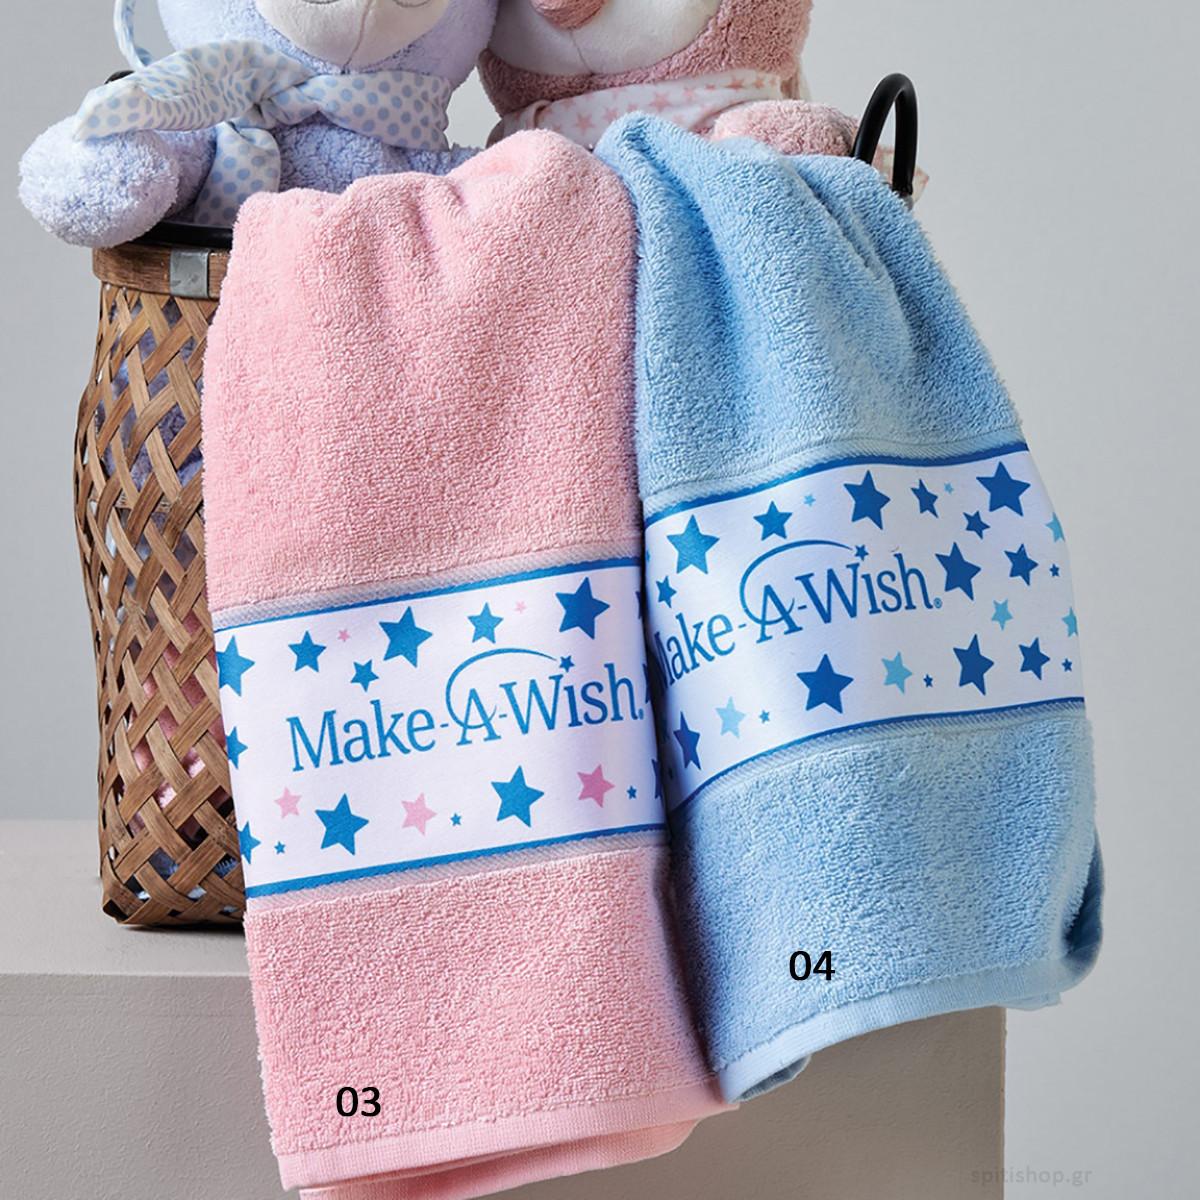 Παιδικές Πετσέτες (Σετ 2τμχ) Kentia Make A Wish home   παιδικά   πετσέτες παιδικές